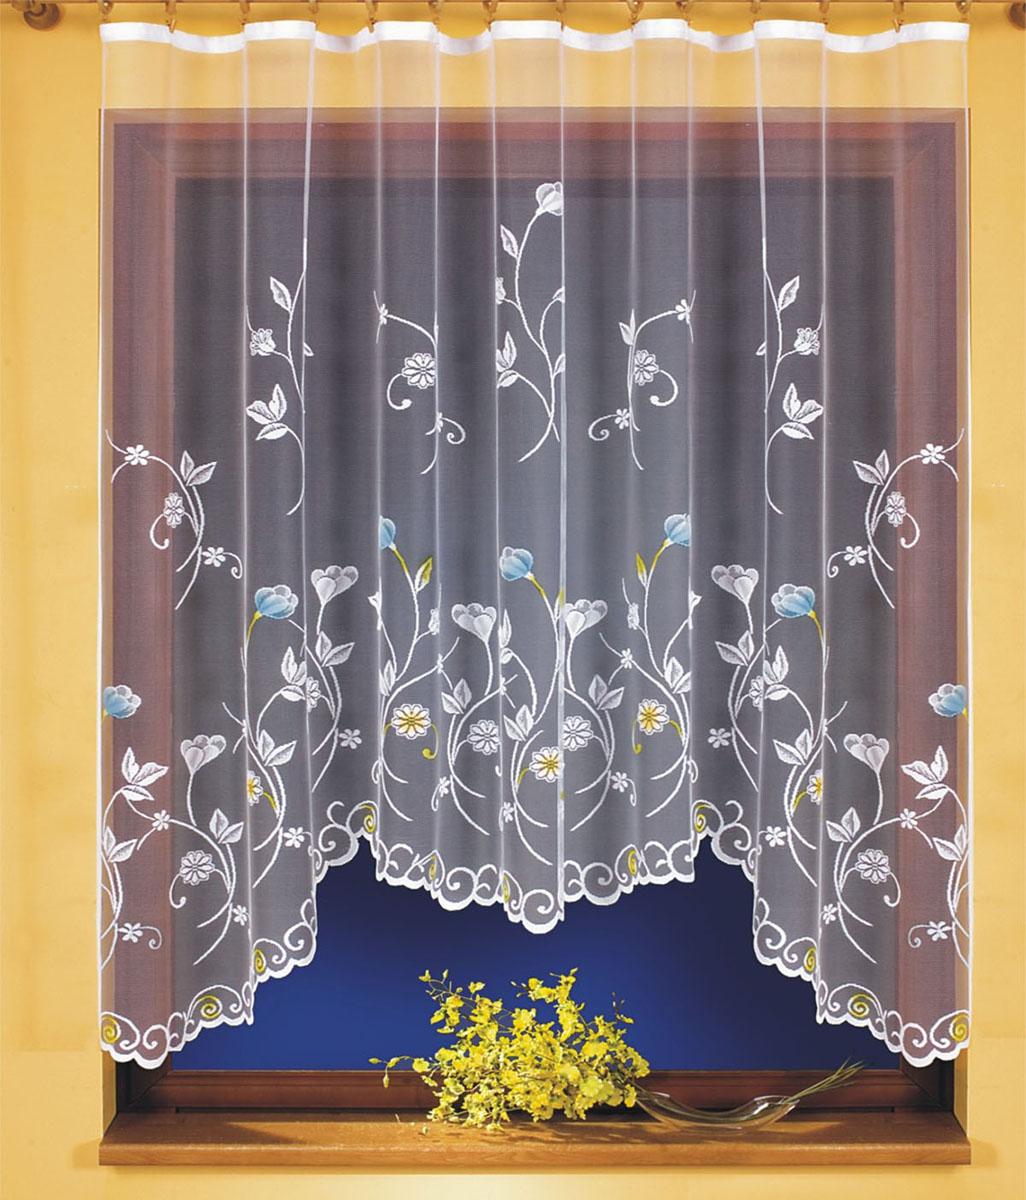 Гардина Wisan, цвет: белый, высота 160 см. А040А040Гардина Wisan, выполненная из легкого полиэстера, станет великолепным украшением окна в спальне или гостиной.Качественный материал, тонкое плетение и оригинальный дизайн привлекут к себе внимание и позволят гардине органично вписаться в интерьер помещения. Вид крепления - под зажимы для штор.